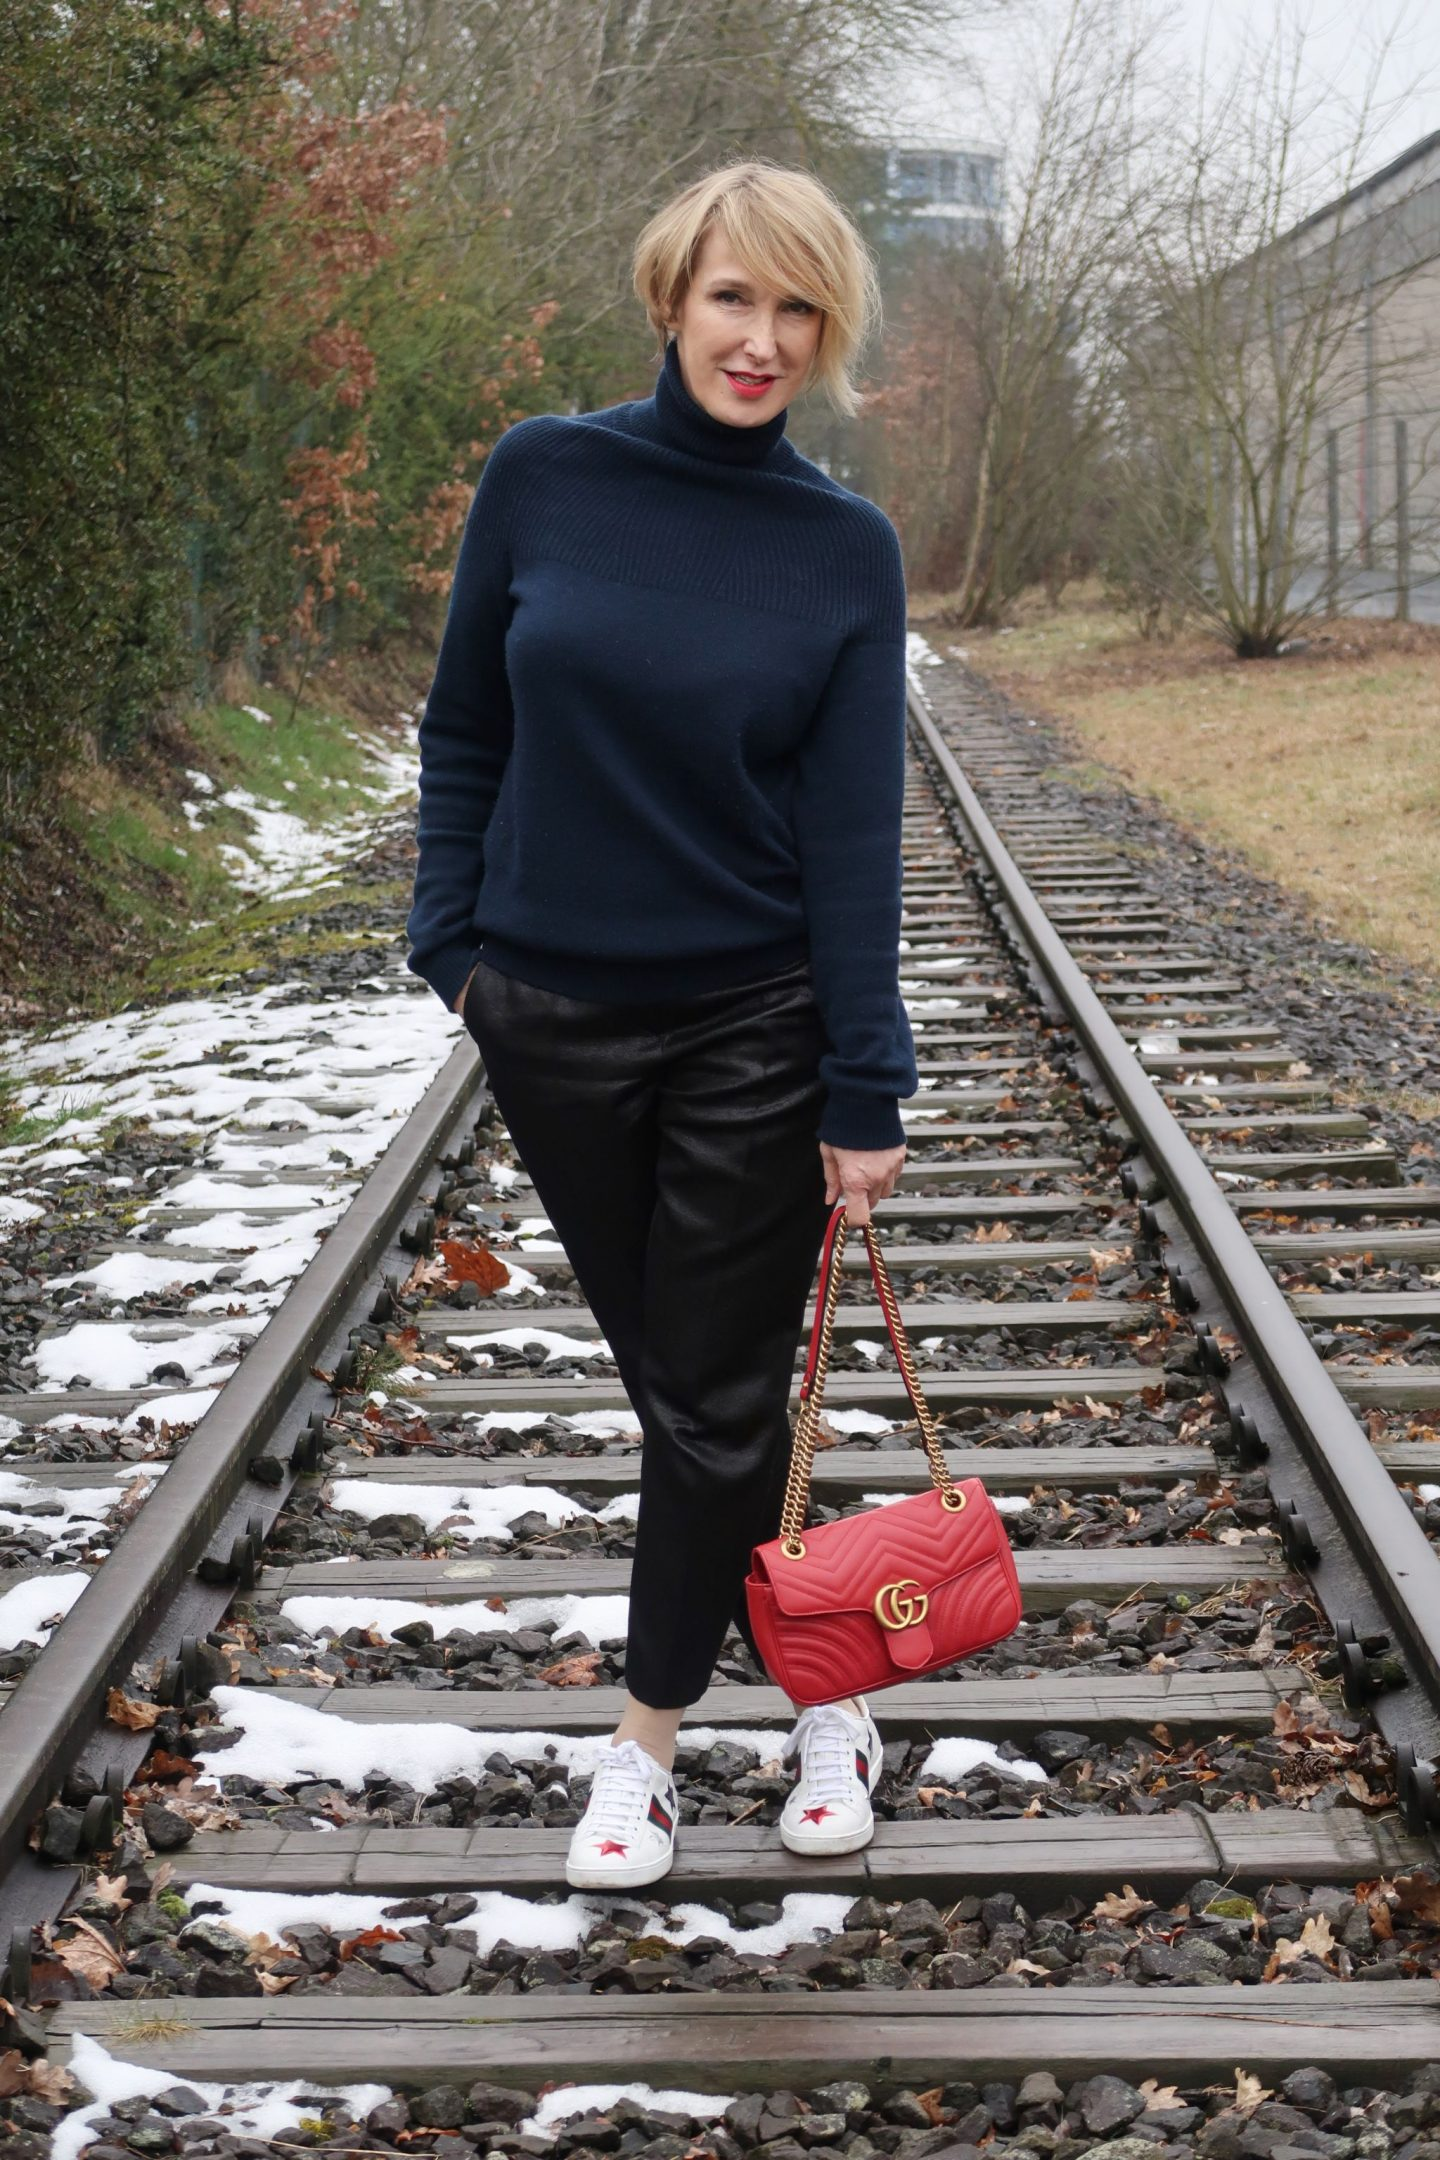 glamupyourlifestyle Gucci-Tasche designer-Taschen Gucci-Hype allude-cashmere rote-Tasche fashhion-blogger Ü40-Blog